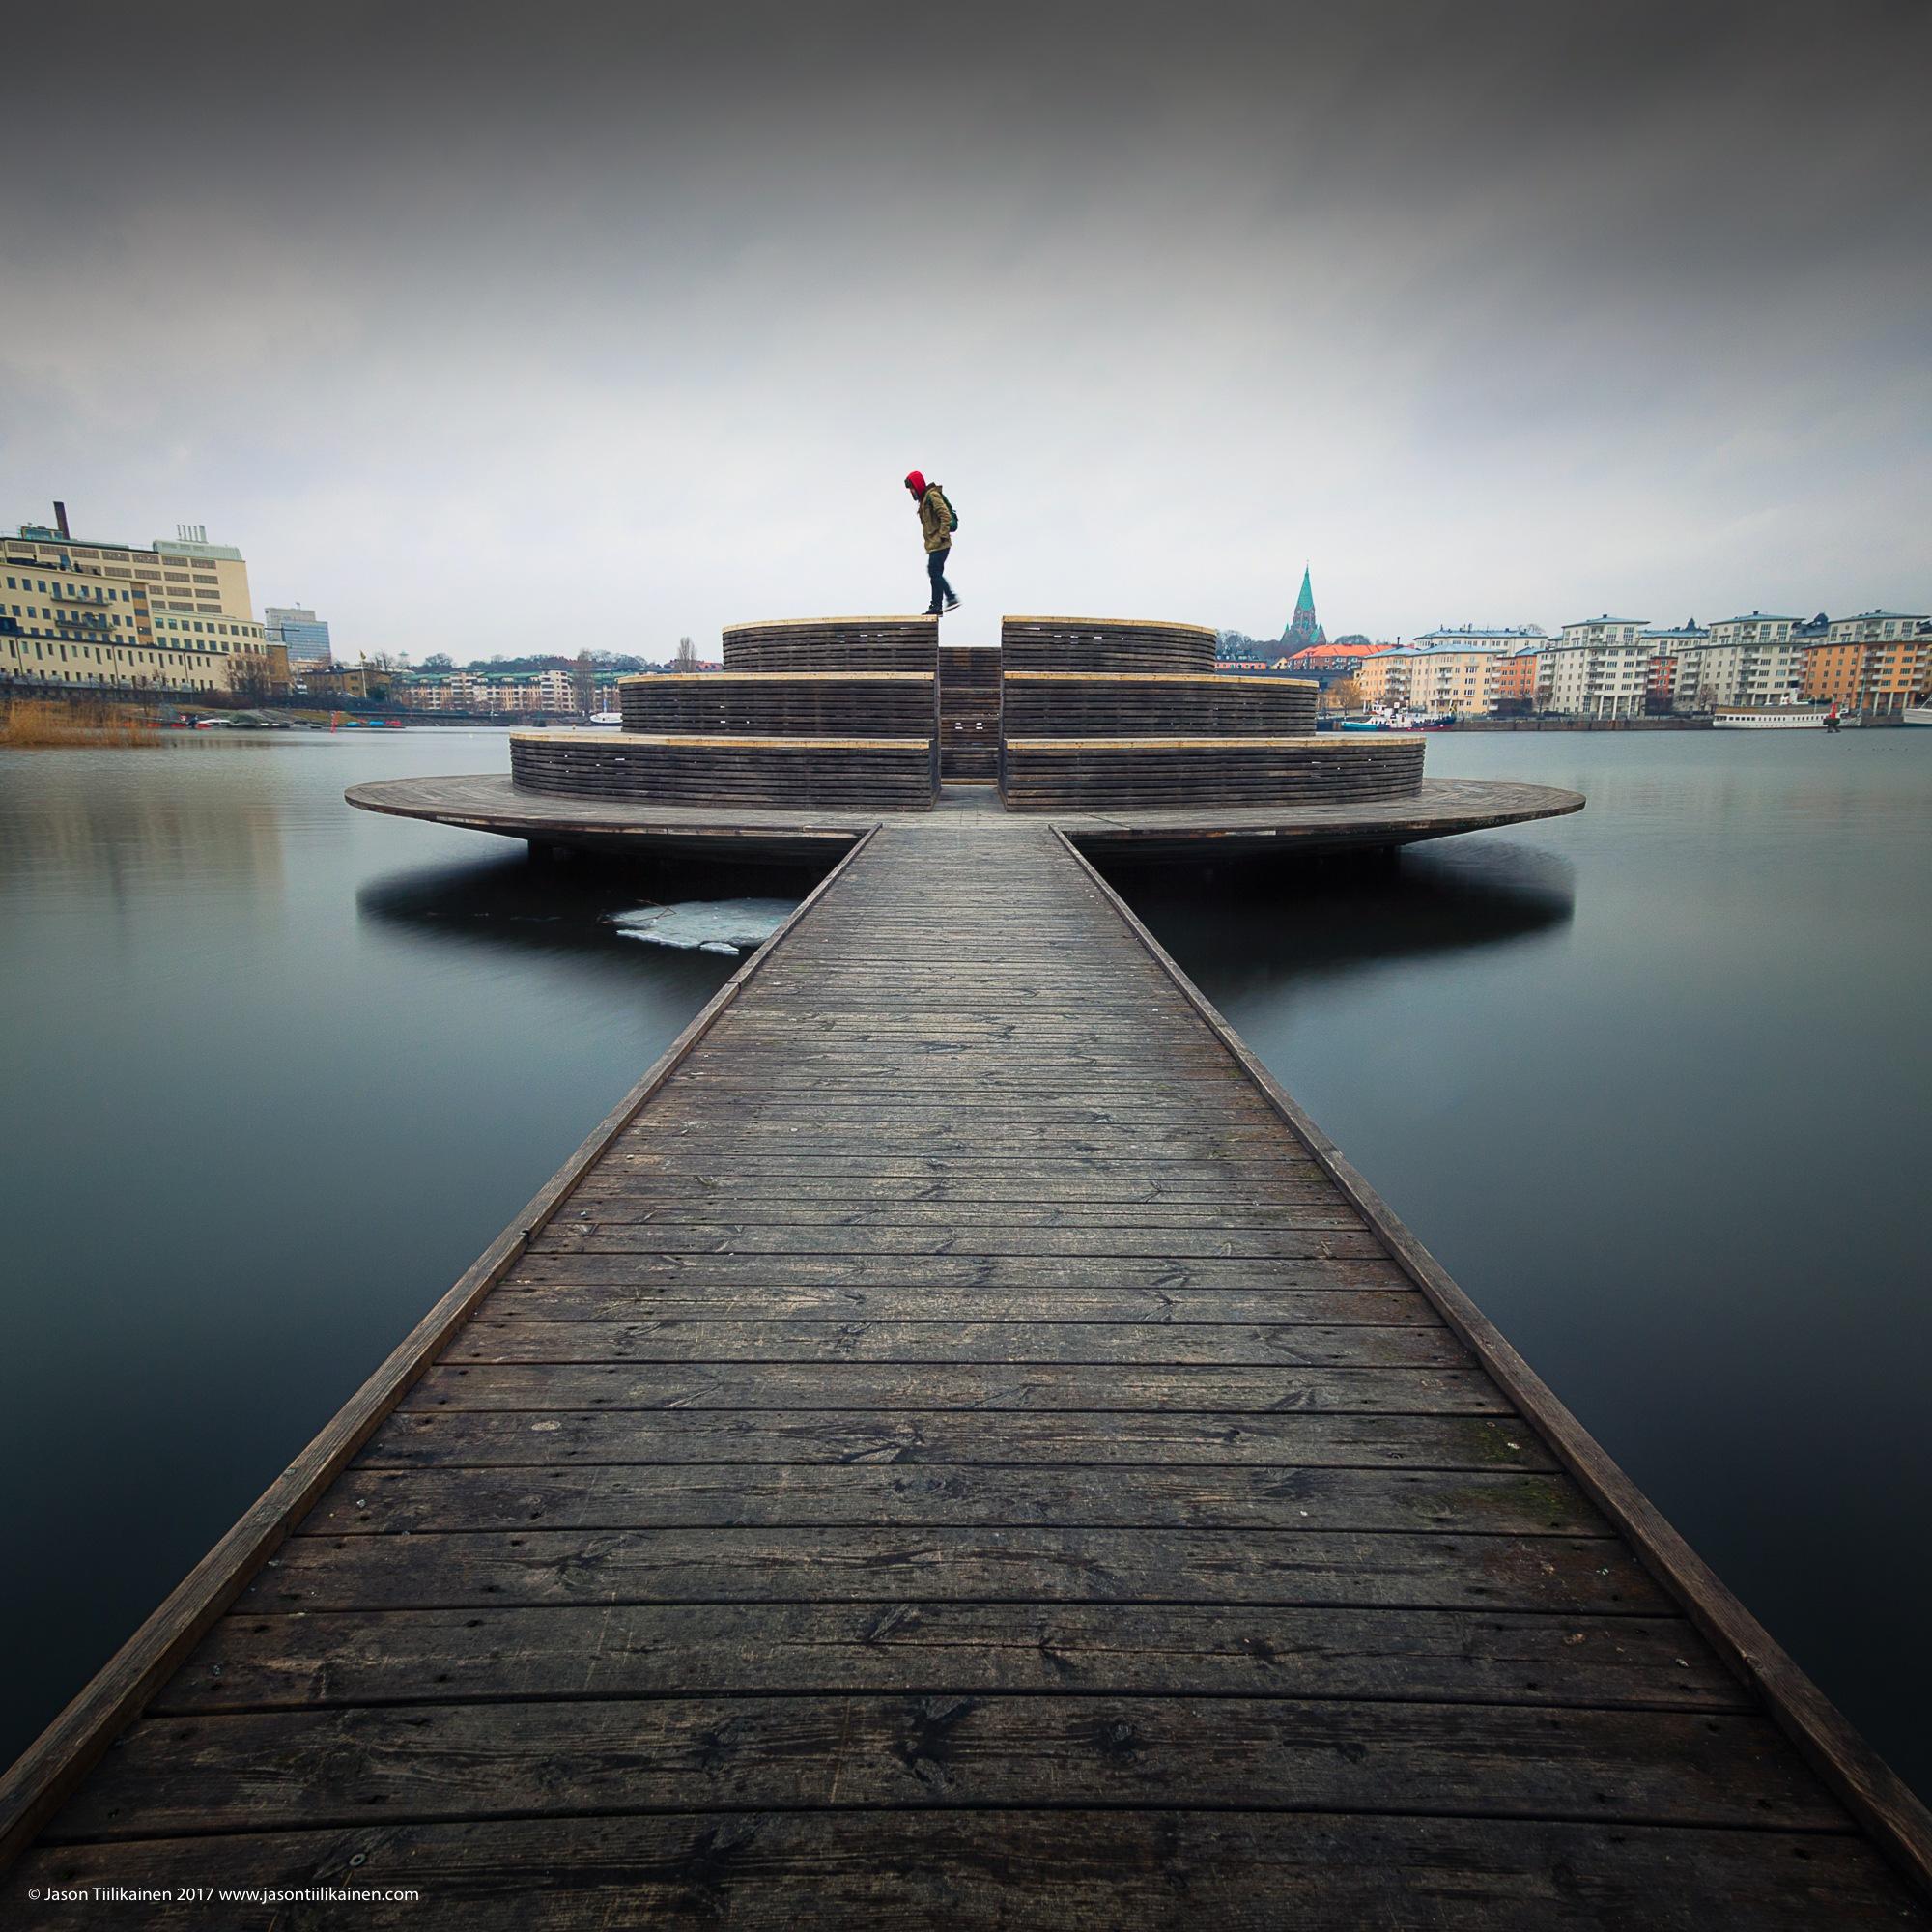 Stockholm Sef-portrait by Jason Tiilikainen